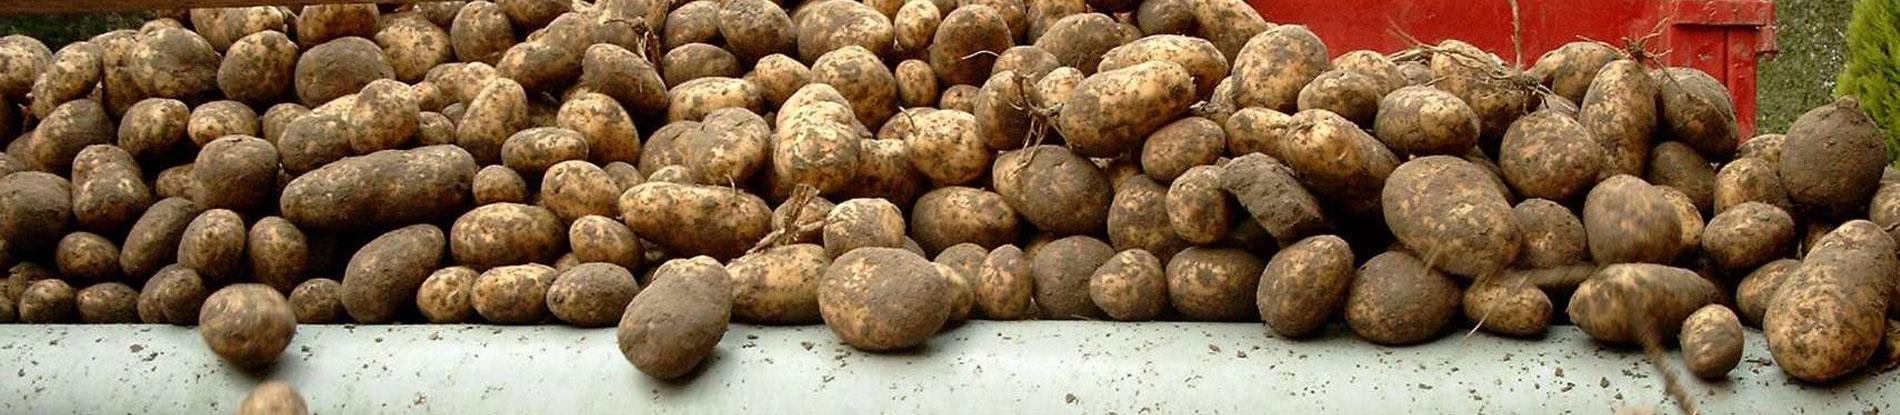 In onze winkel verkopen we onze eigen geteelde aardappelen